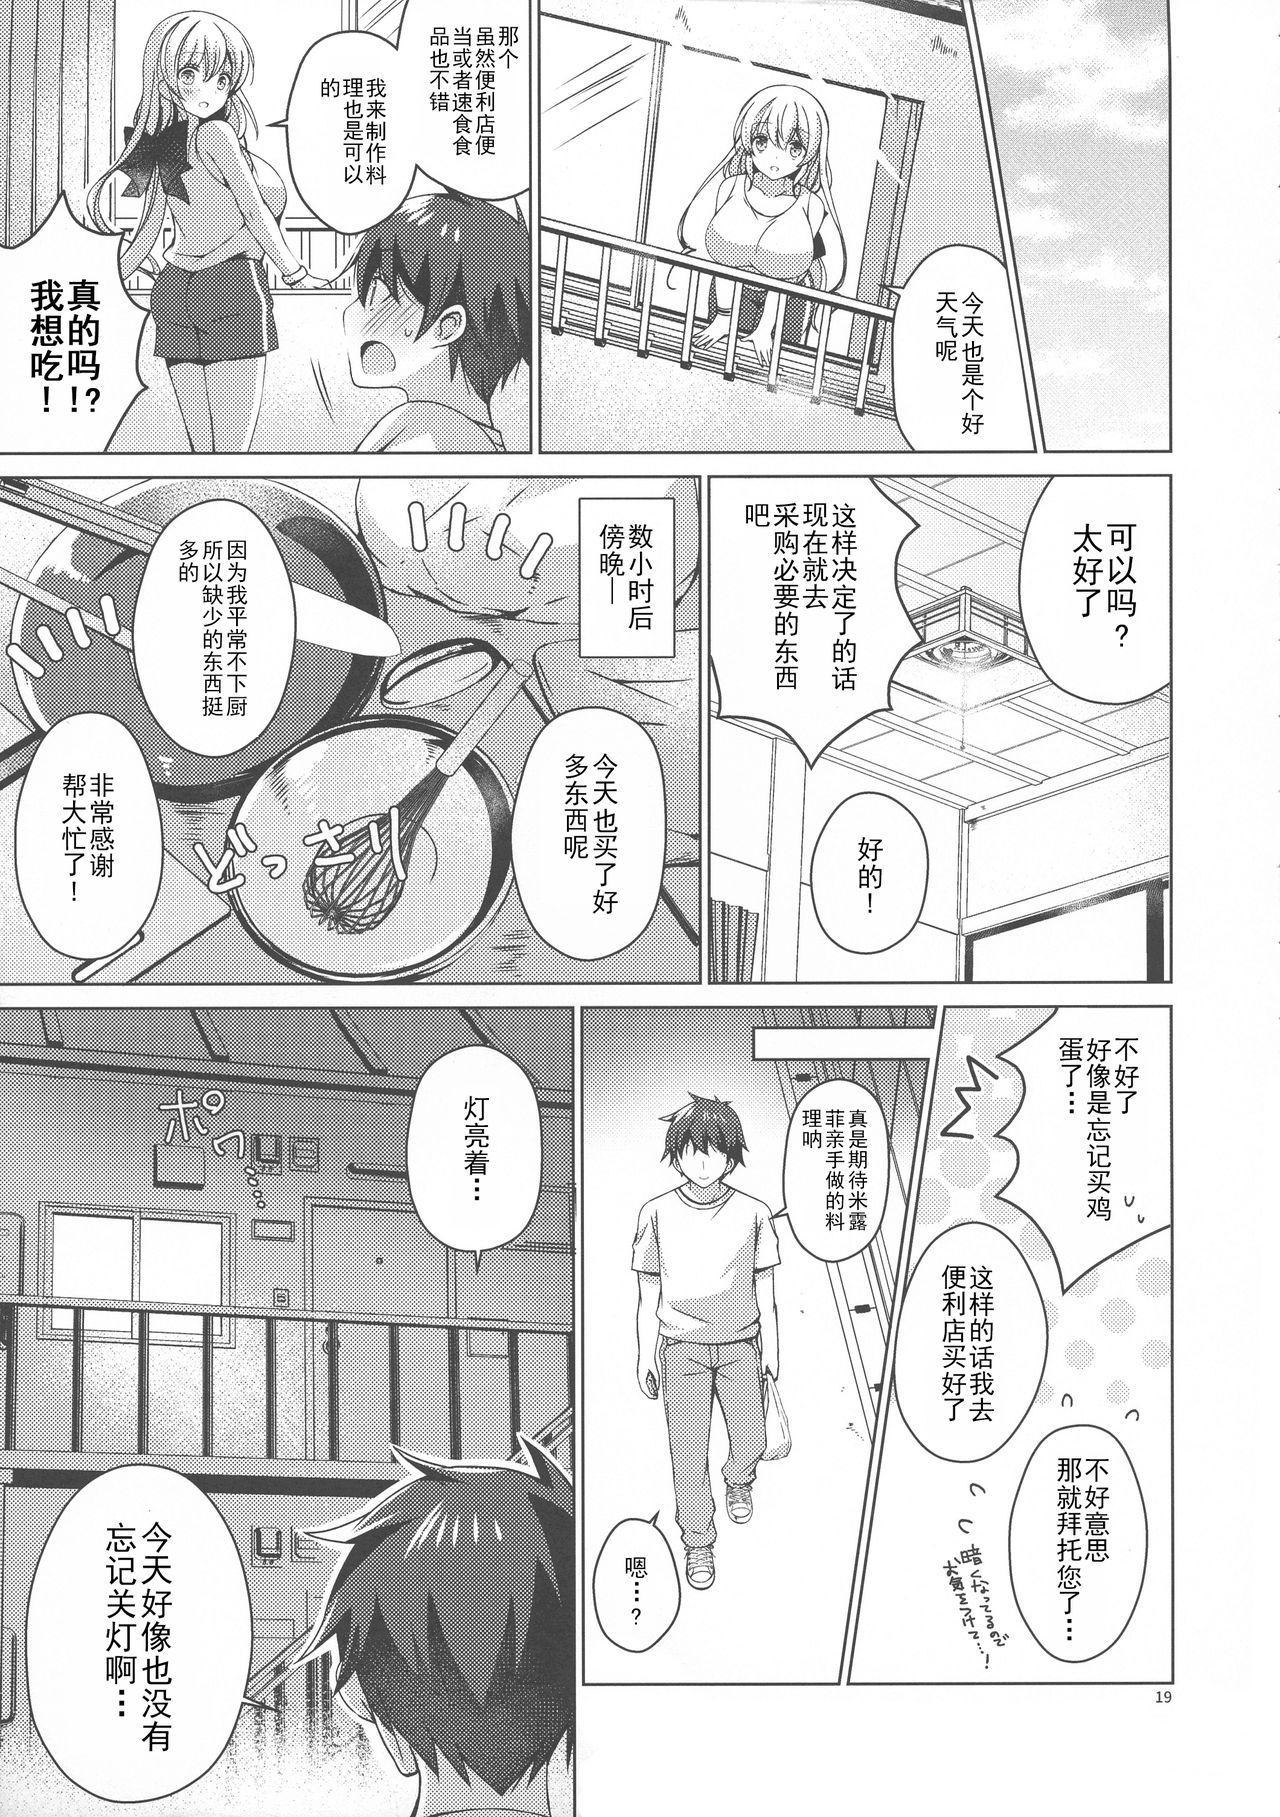 Android no Watashi ni Nenryou Hokyuu shite Kudasai 6 17